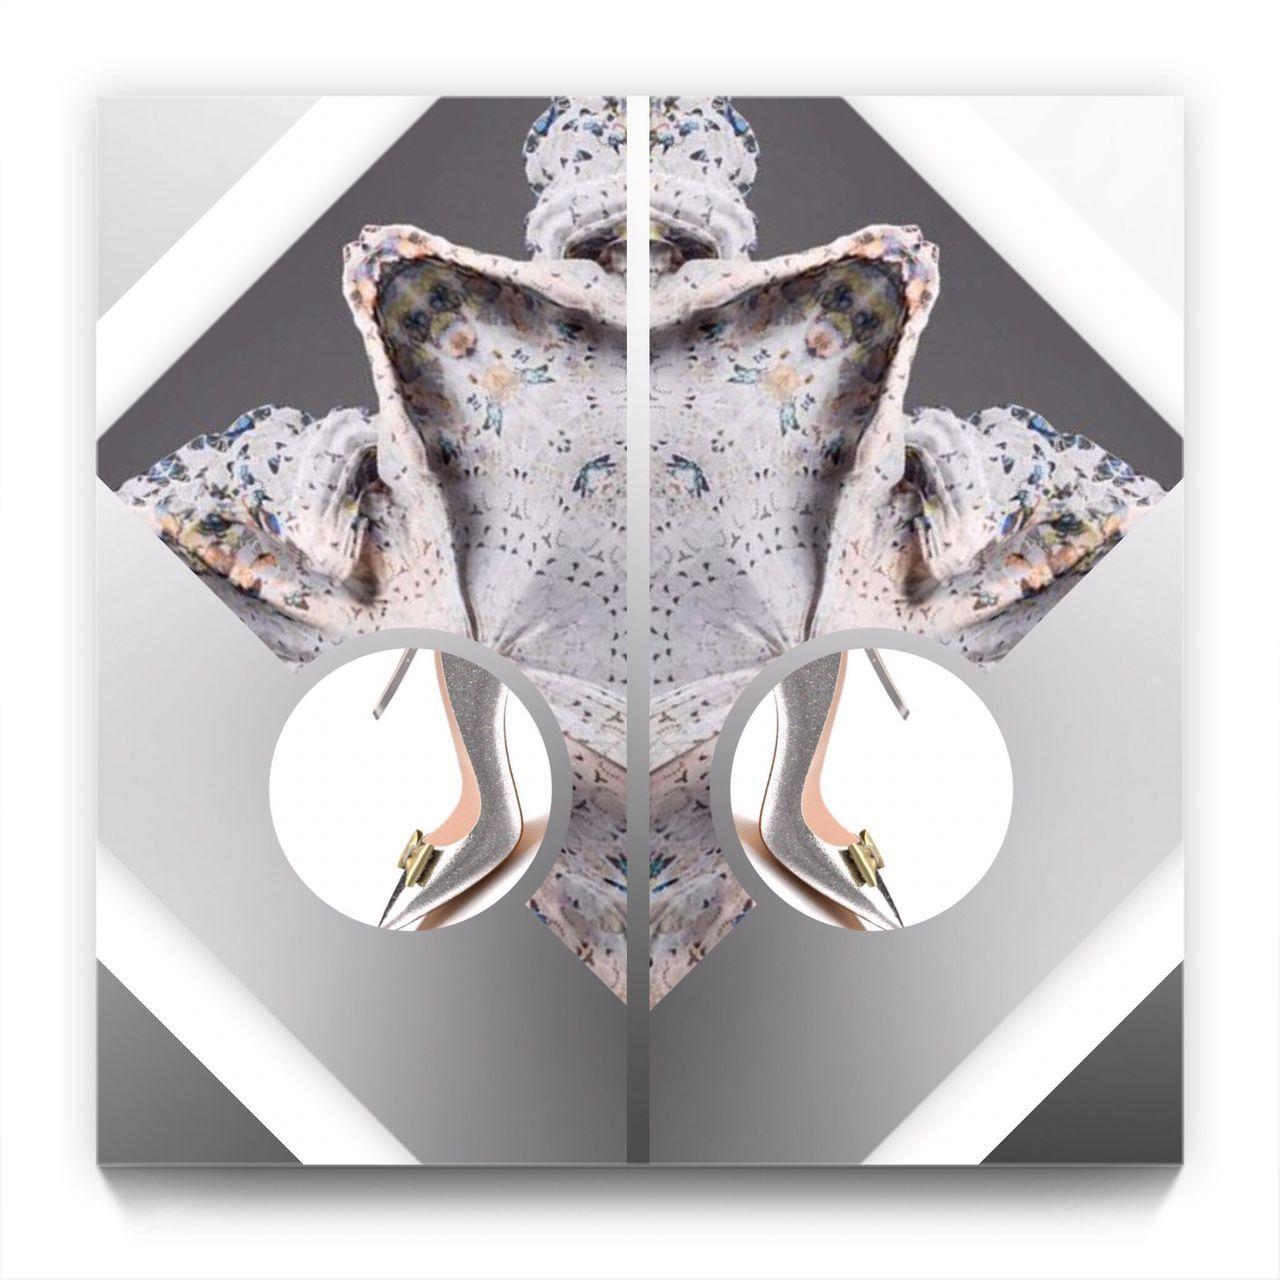 Fashion Photography Fashion Design Fashion Design Designer  Shoe Shoes White Background Shiny Luxury Day